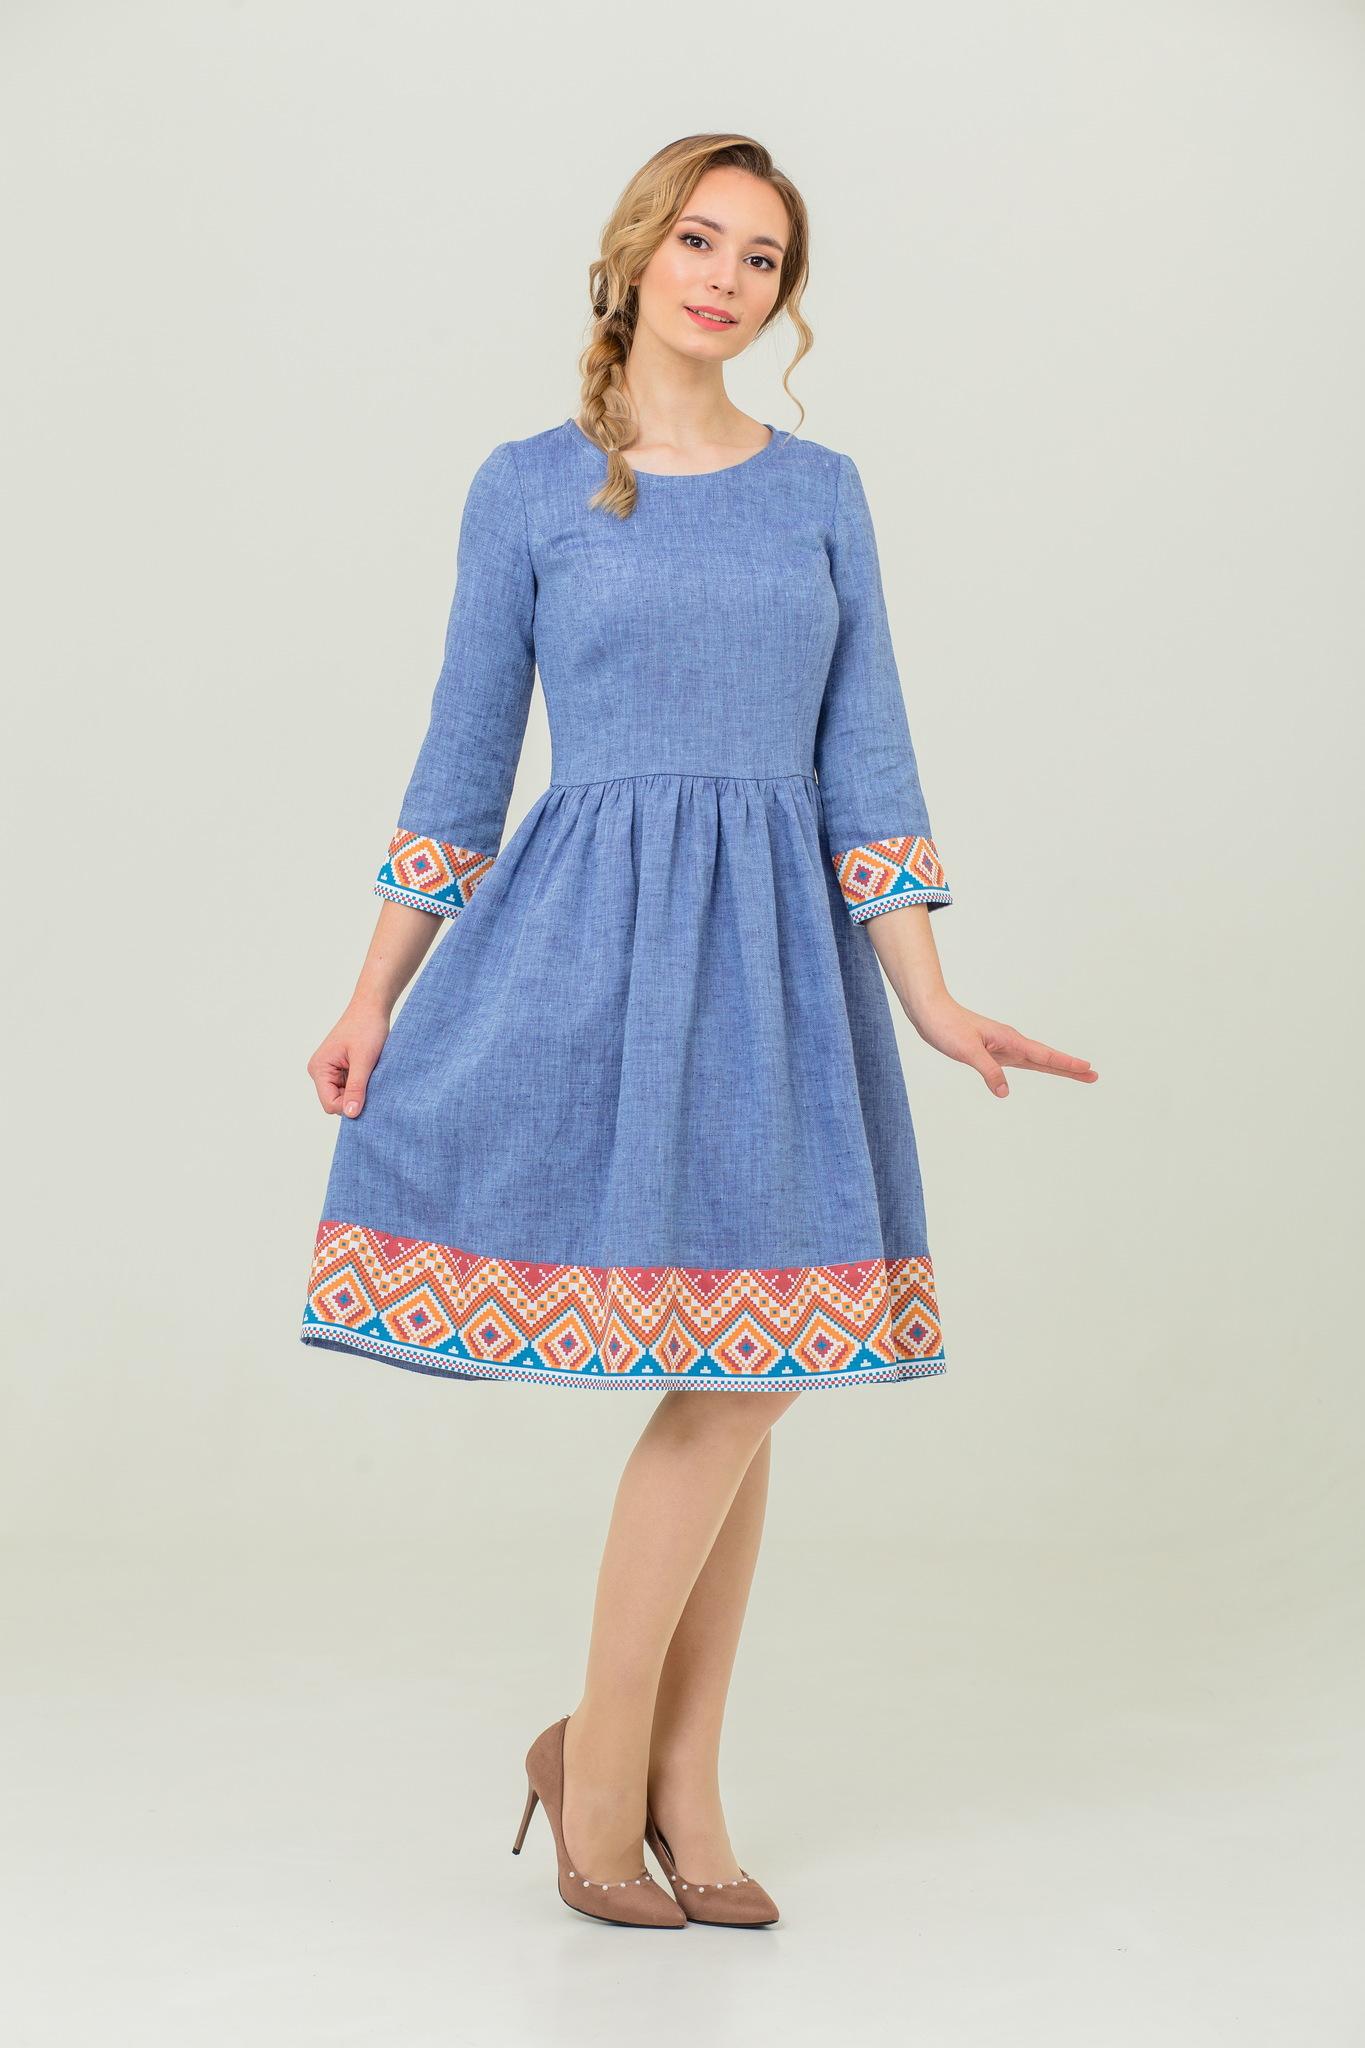 платье с русским орнаментом бохо Синий меланж